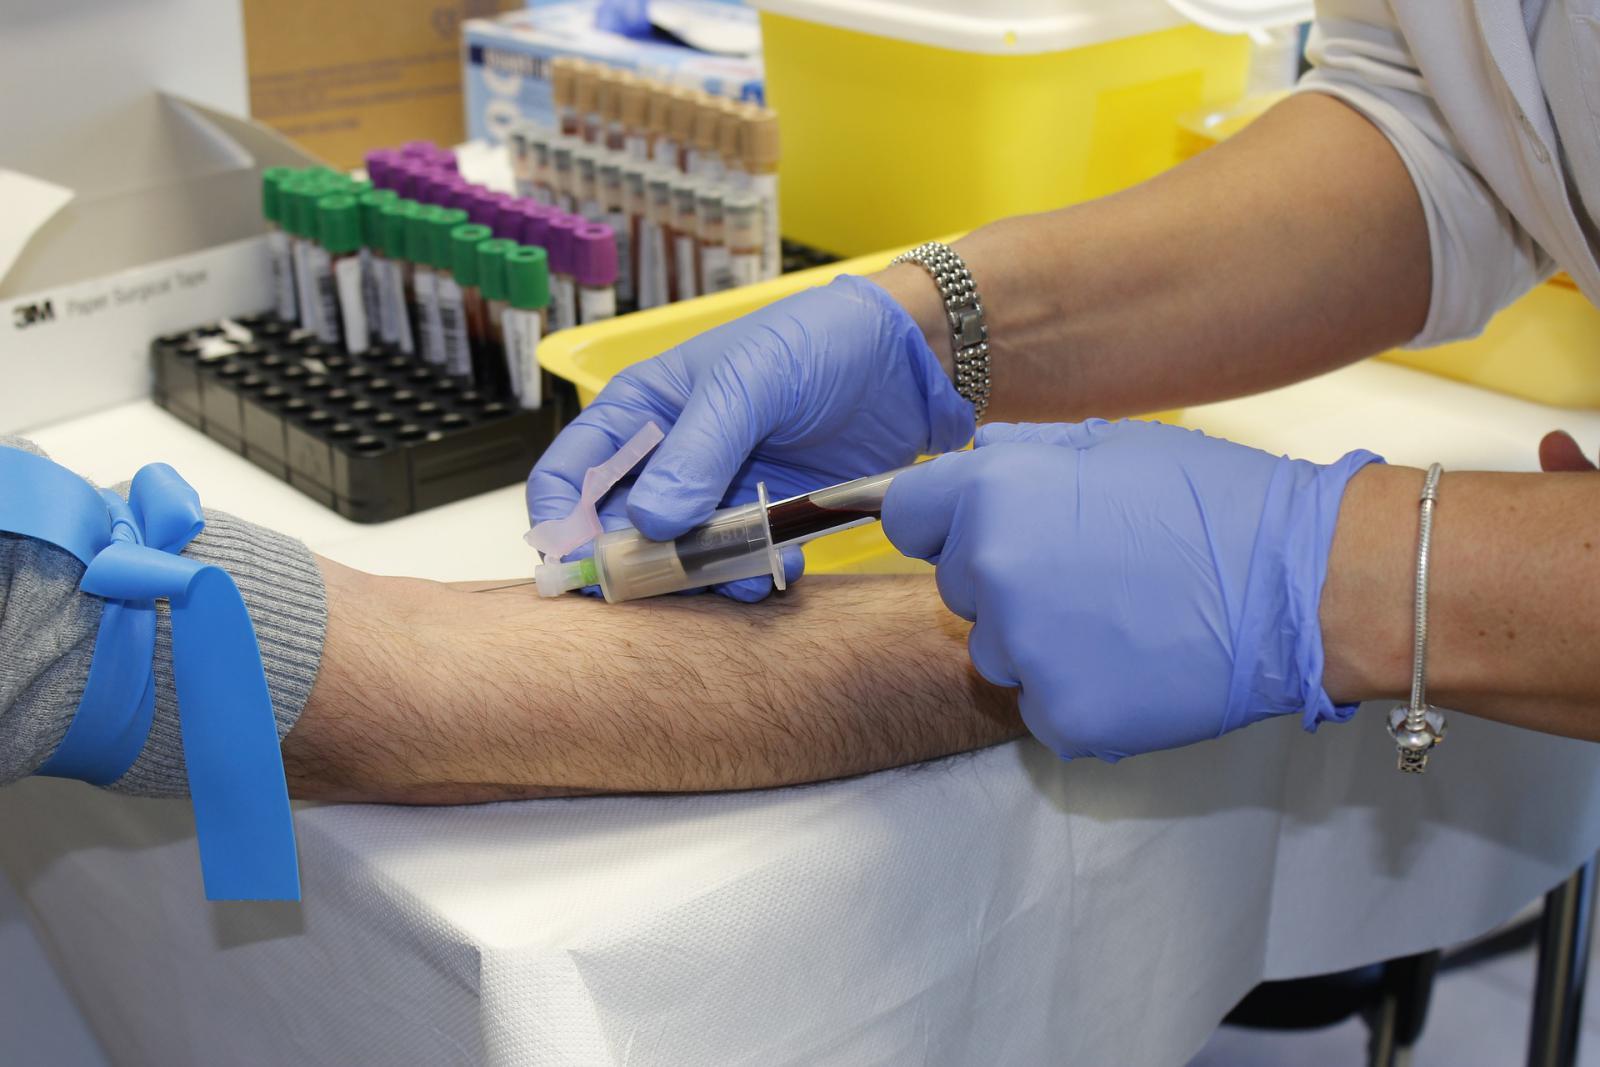 Túl sok a laborvizsgálat, bónuszt az orvosoknak a csökkentésért